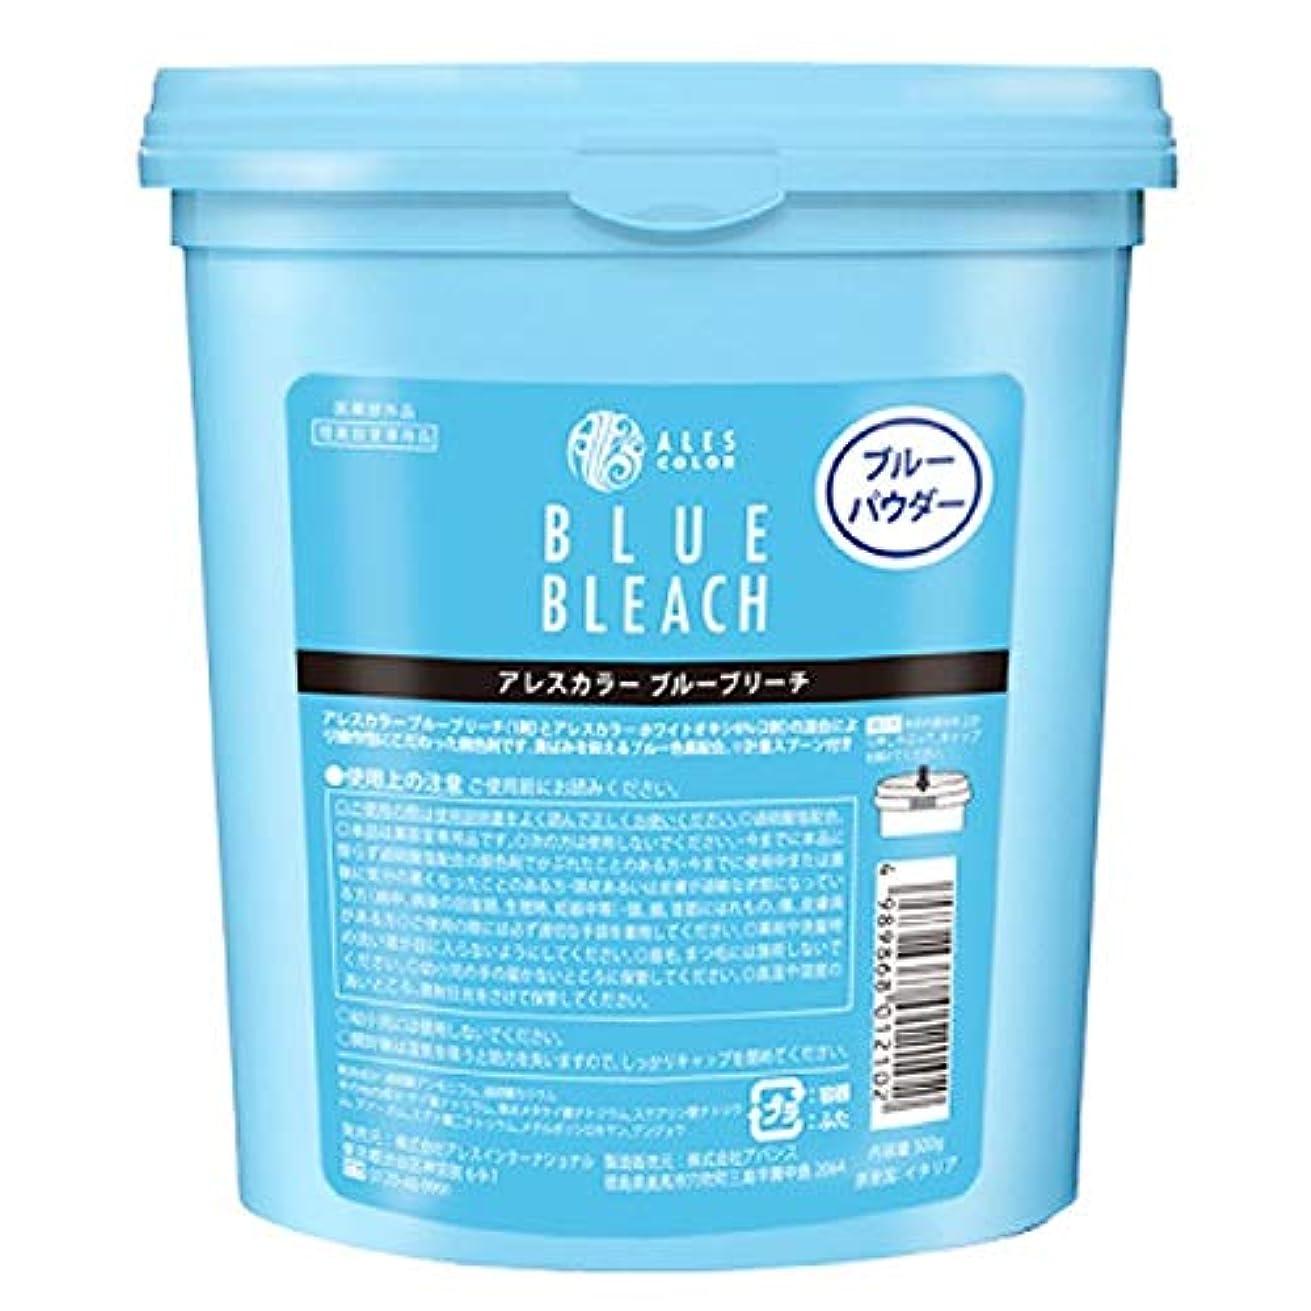 水差し合成濃度【アレス】アレスカラー ブルーブリーチ (1剤) 500g